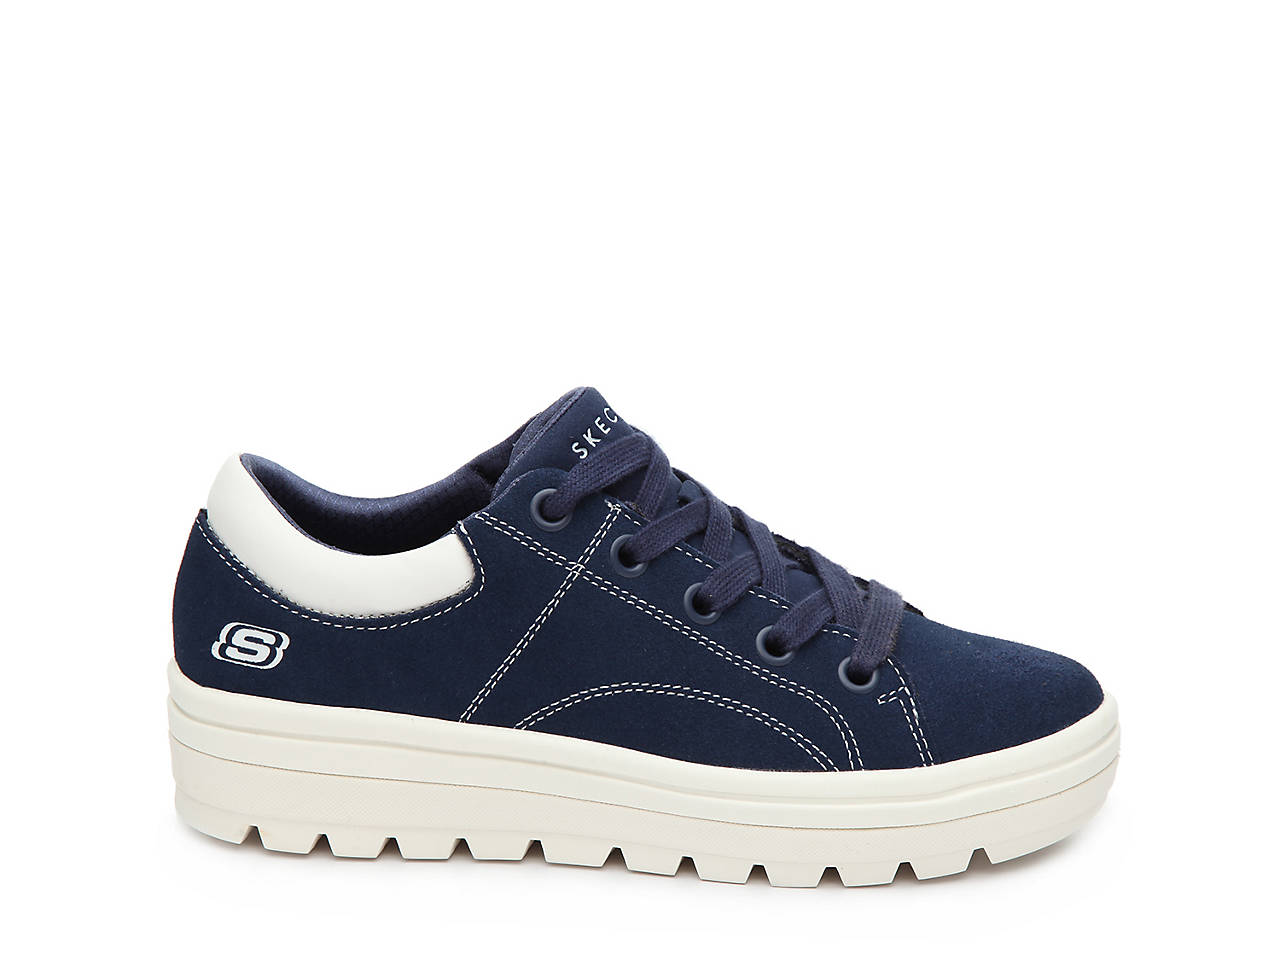 9ec98ef32e53 Skechers Street Cleat Back Again Platform Sneaker Women s Shoes